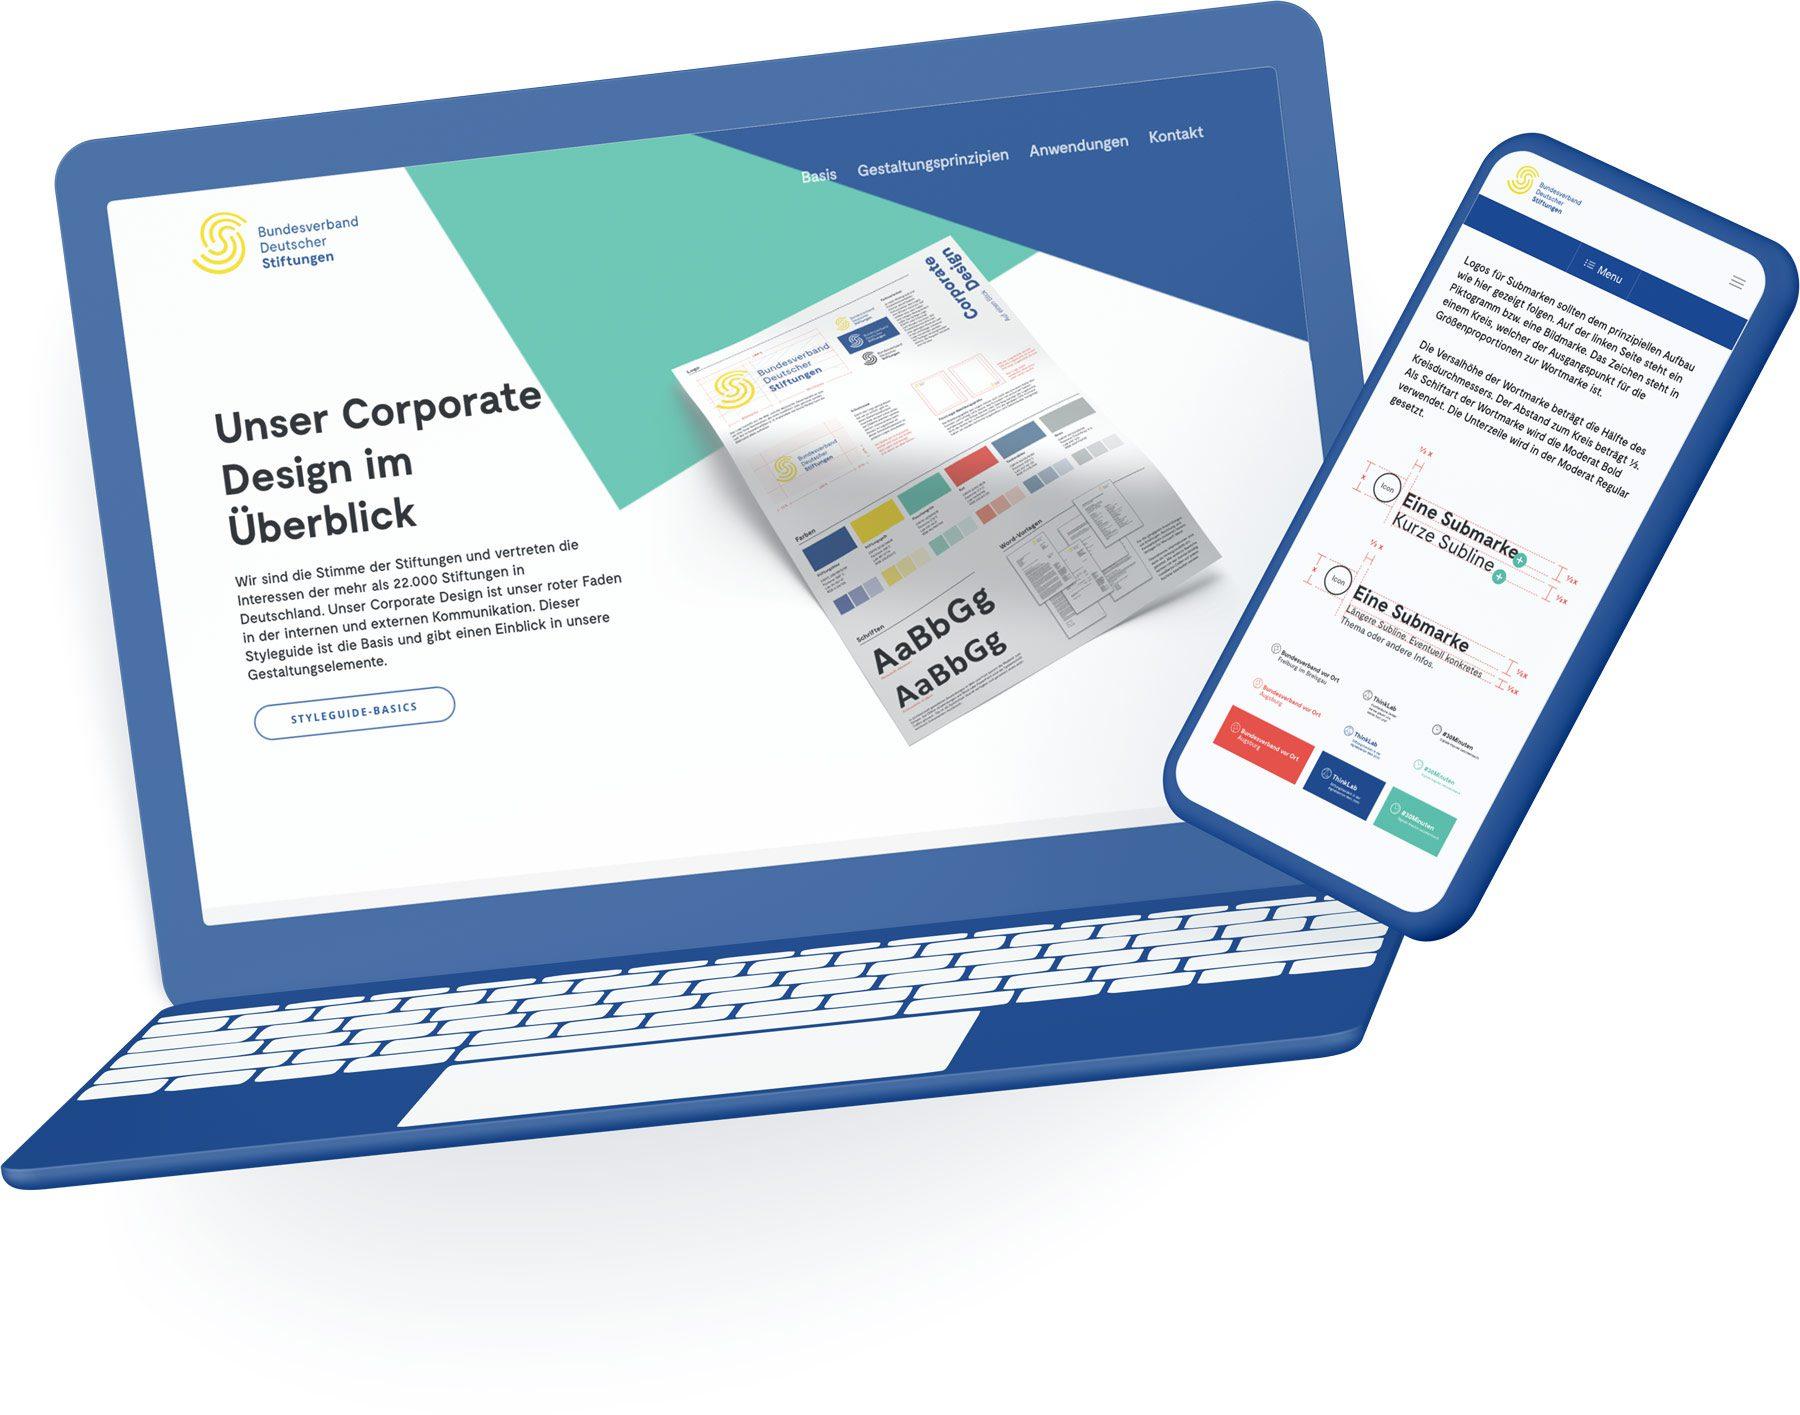 Digitales Design Manual + Styleguide für Bundesverband Deutscher Stiftungen